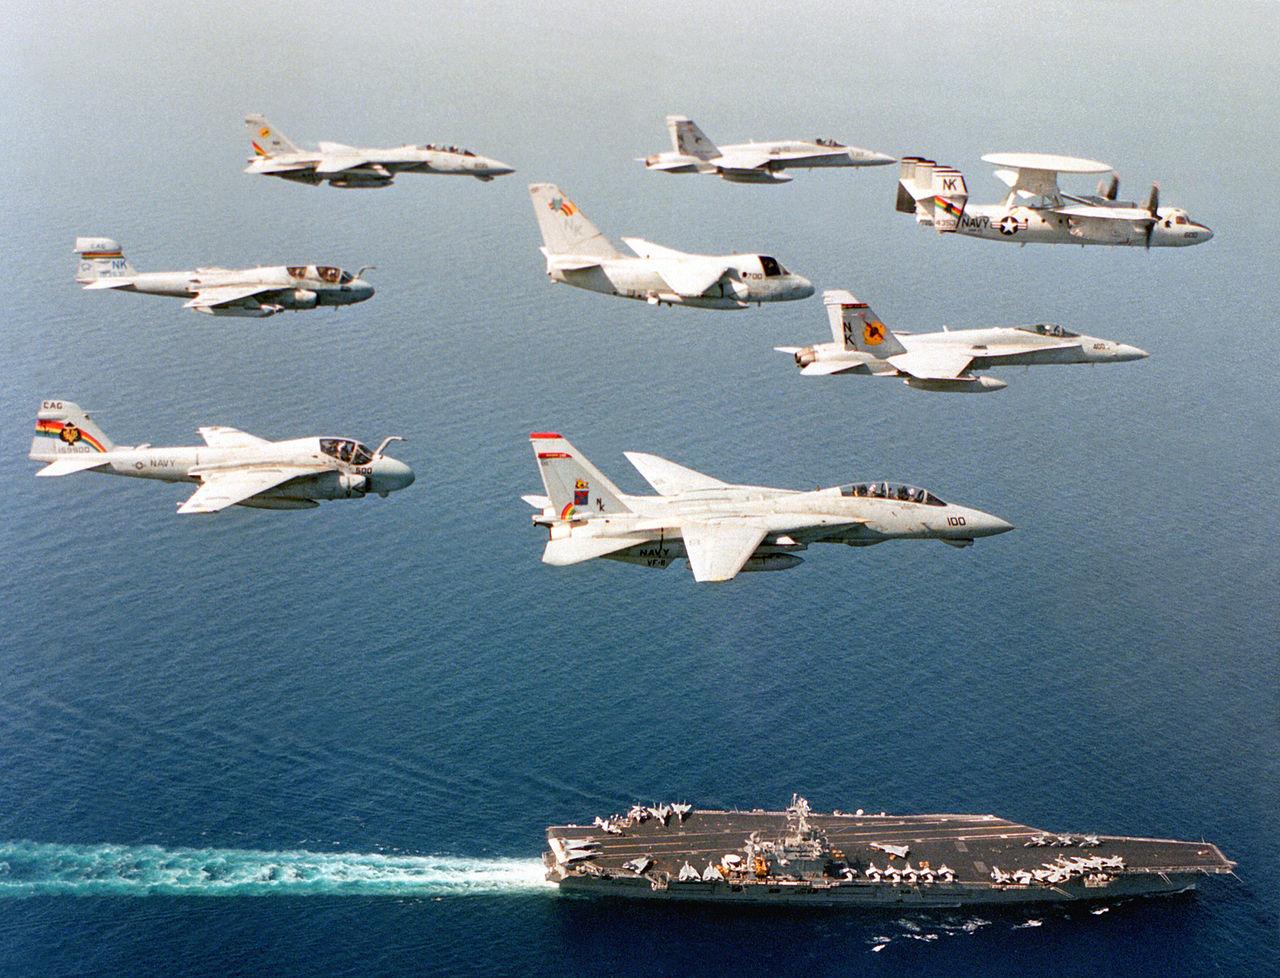 Samoloty CVW-14 w maju 1994, nad lotniskowcem USS Carl Vinson (US Navy / Lt. Mitchell, VF-11)